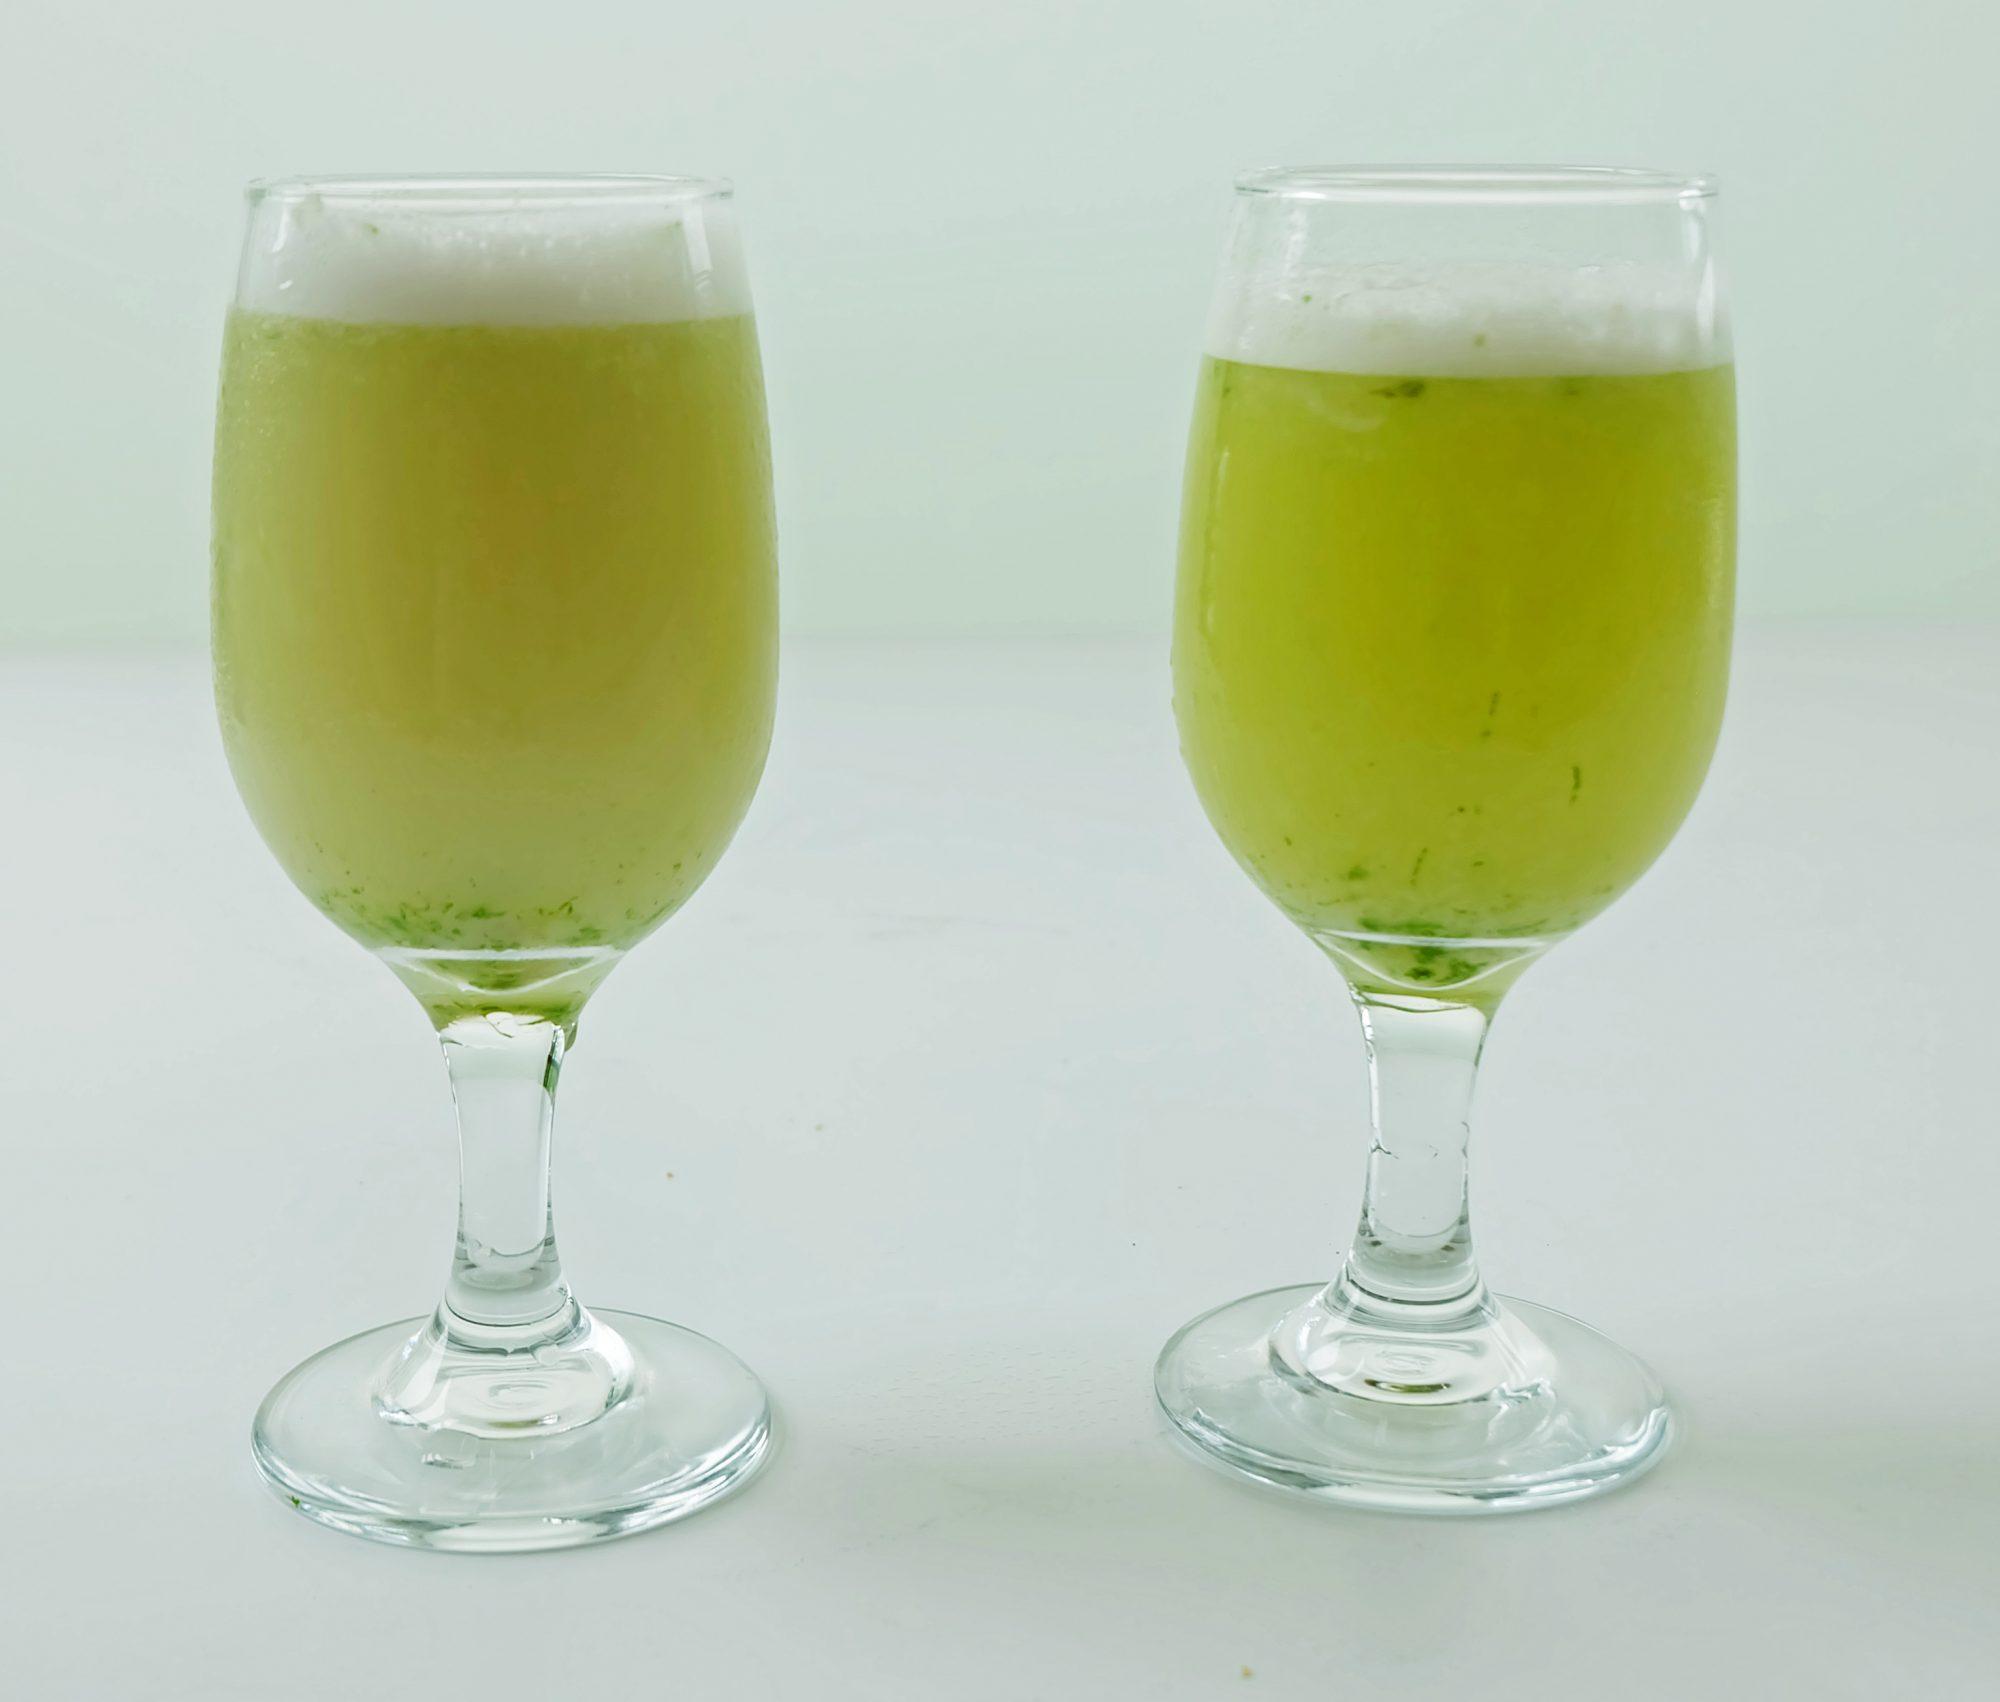 greendrinks.jpg